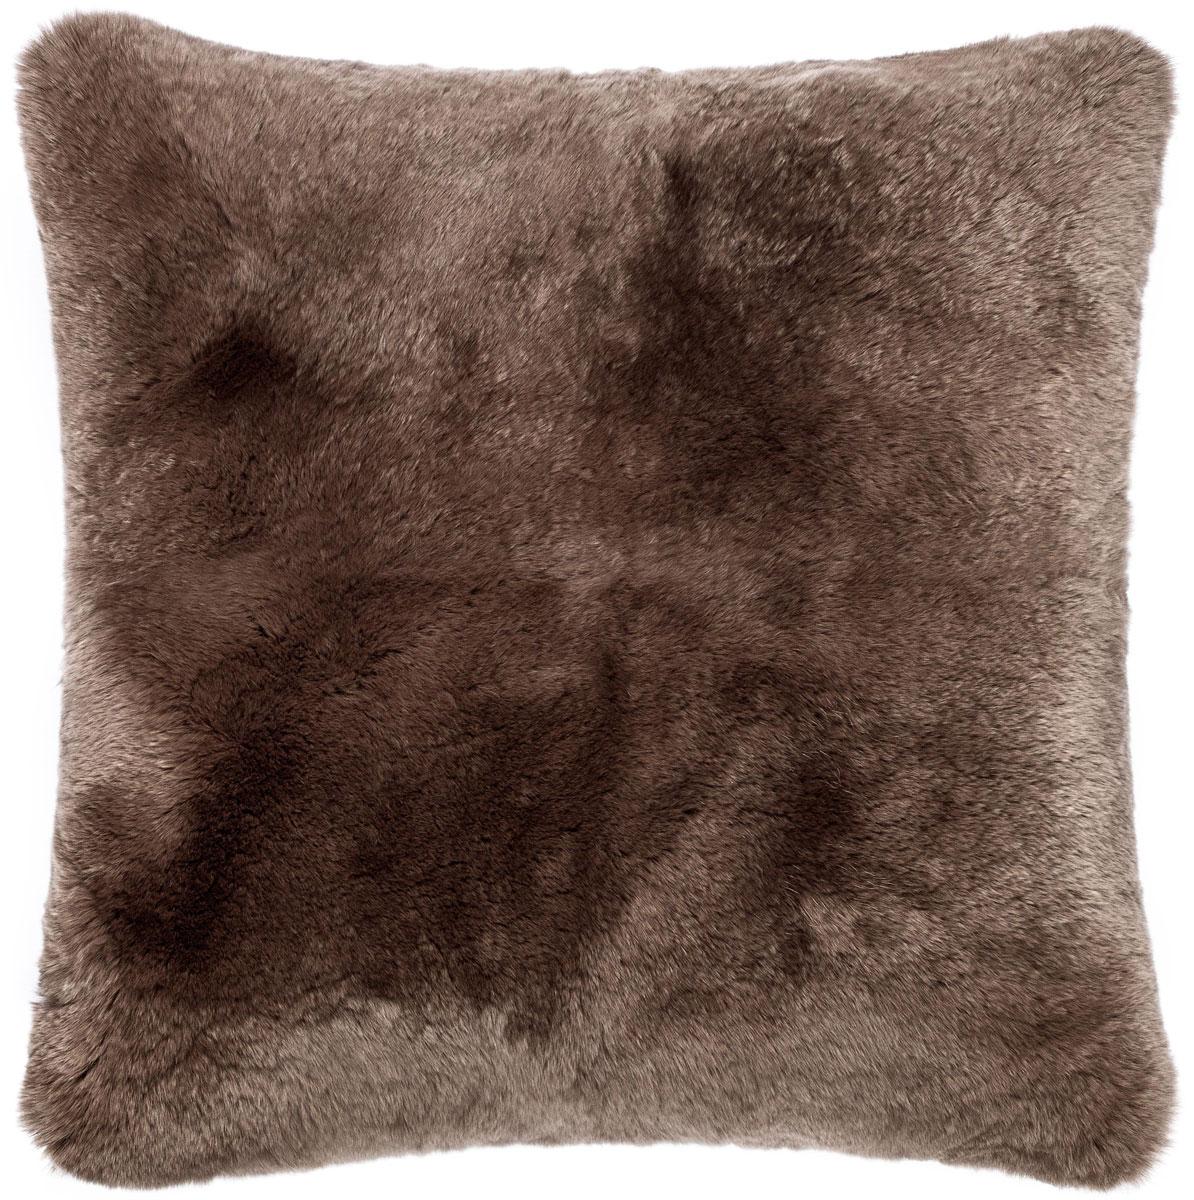 Подушка декоративная Togas Фостер, цвет: коричневый, 40 х 40 см531-401Декоративная подушка Фостер. Цвет: коричневый.Состав: 100% мех рекс, замша. Комплектация: декоративная наволочка - 1, подушка - 1. Размер:40 x 40 см. Уход: не стирать, не отбеливать, не гладить, сухая чистка, не сушить.